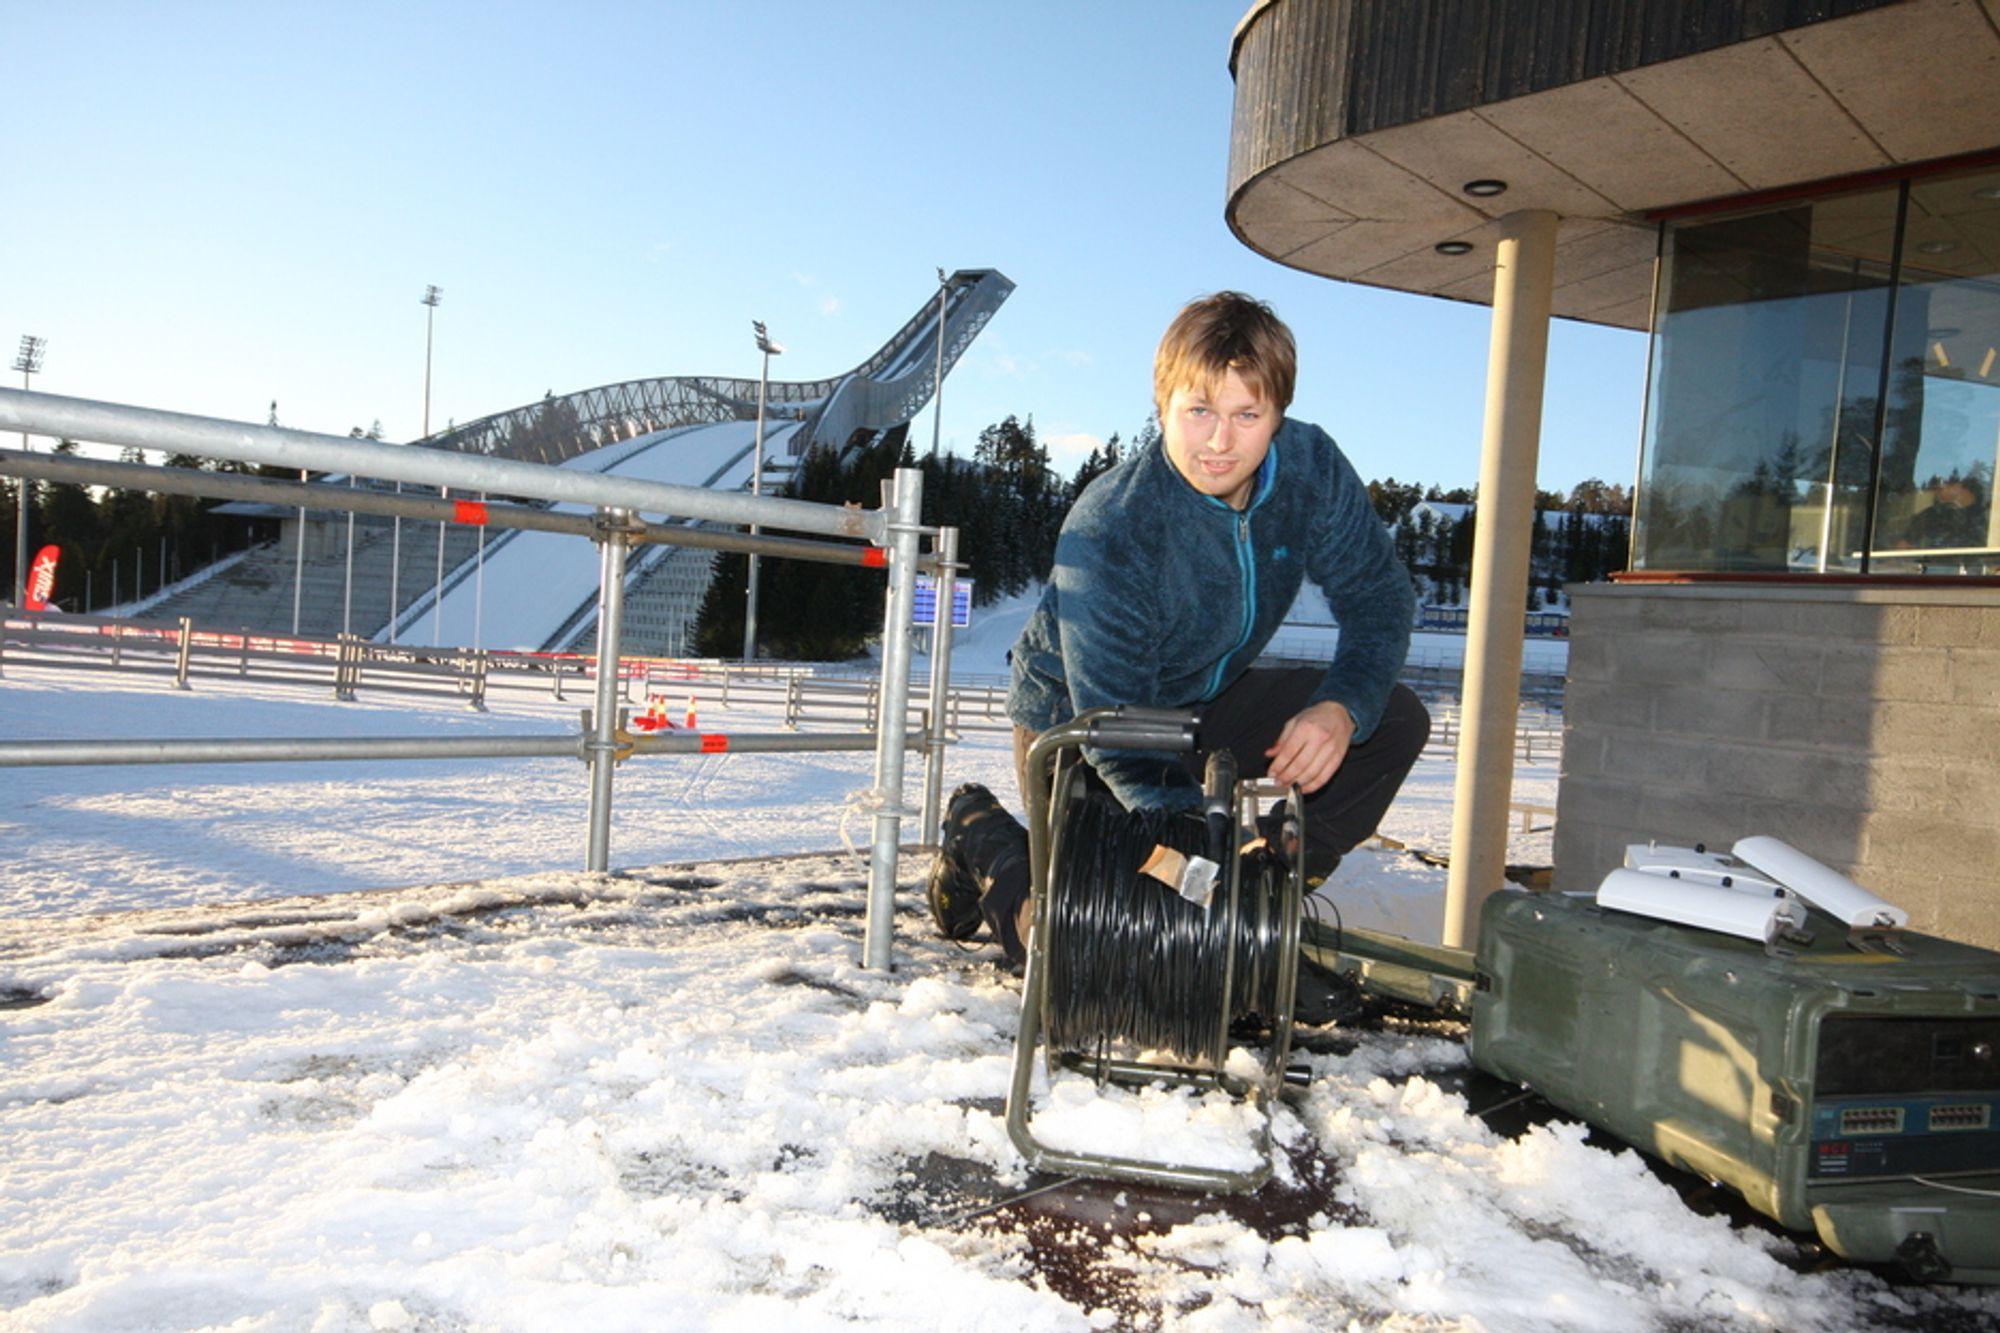 PROVISORISK:  Magne André Gullingsrud drar veksler på erfaringer fra internasjonale konfliktområder og norske vinterøvelser når han rigger det provisoriske VM-nettverket.